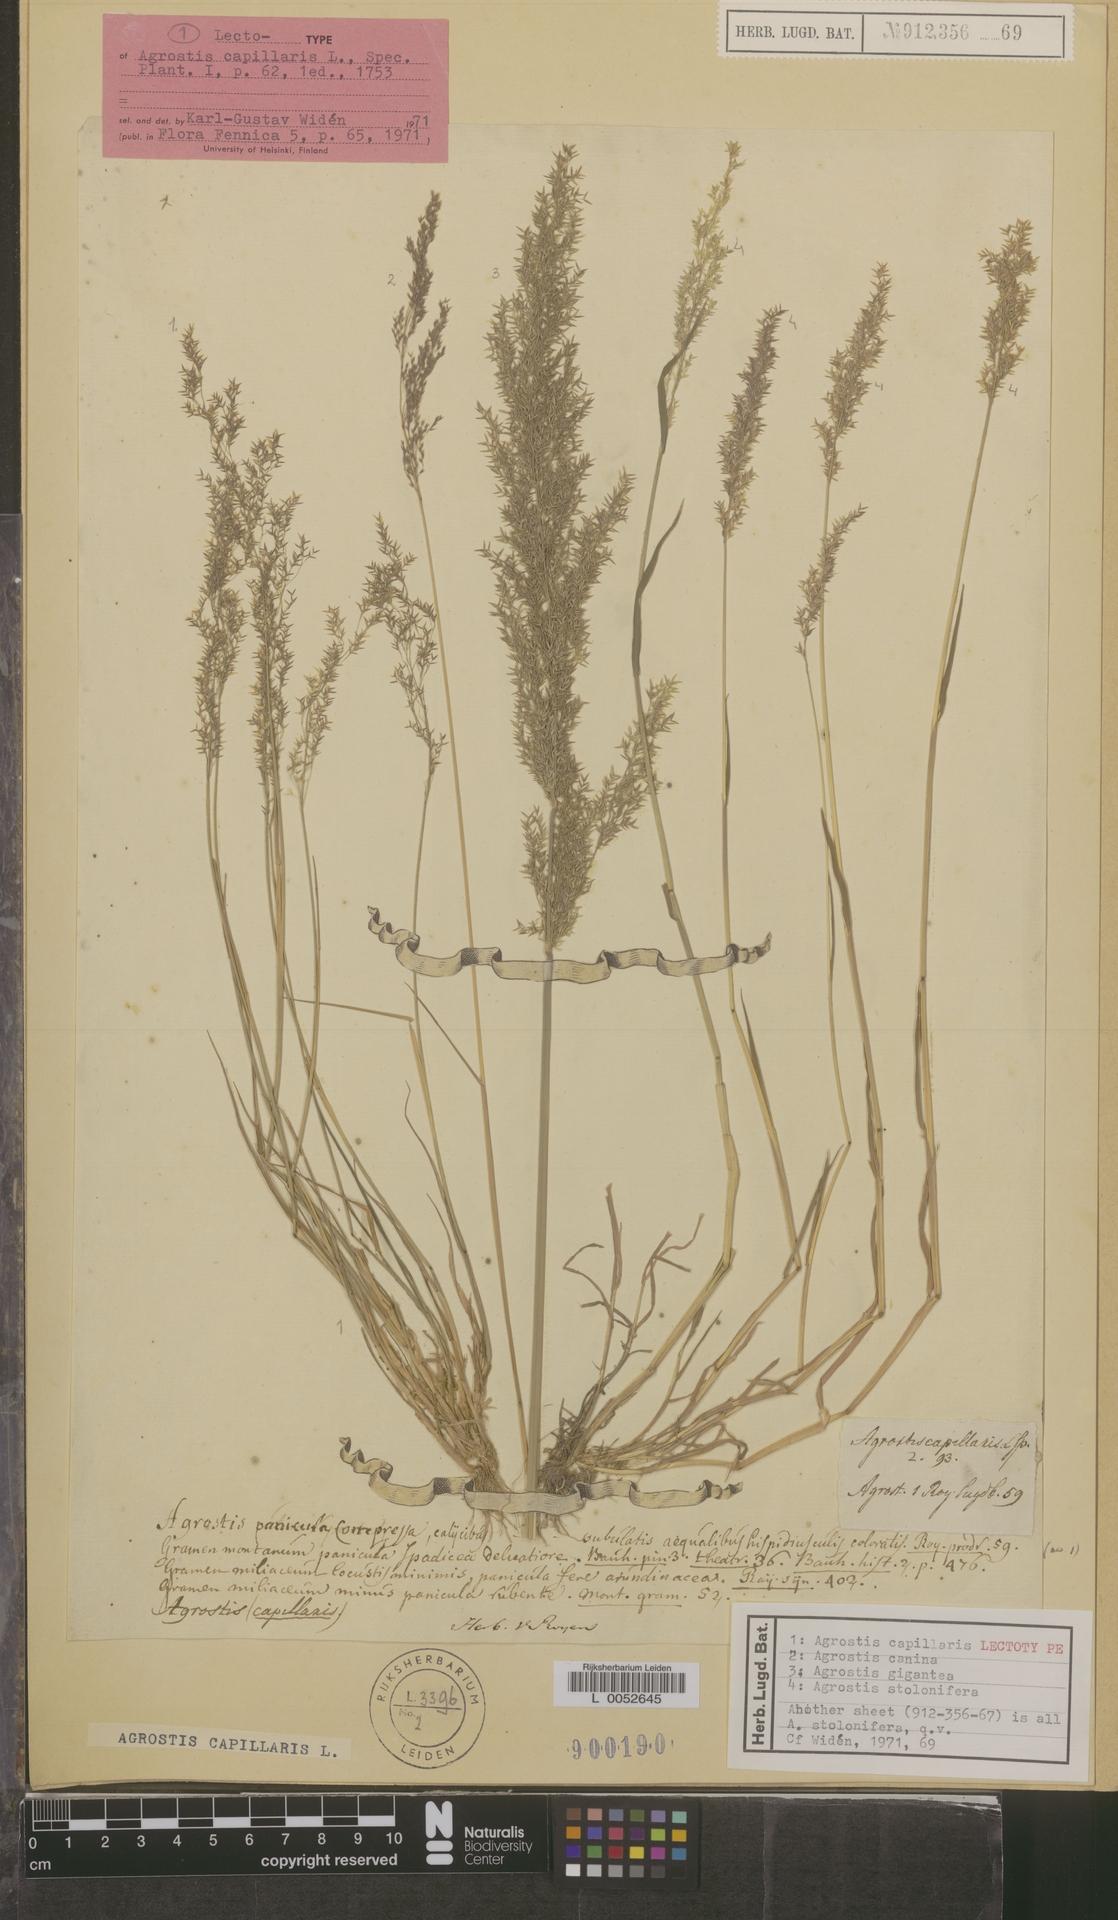 L  0052645   Agrostis capillaris L.